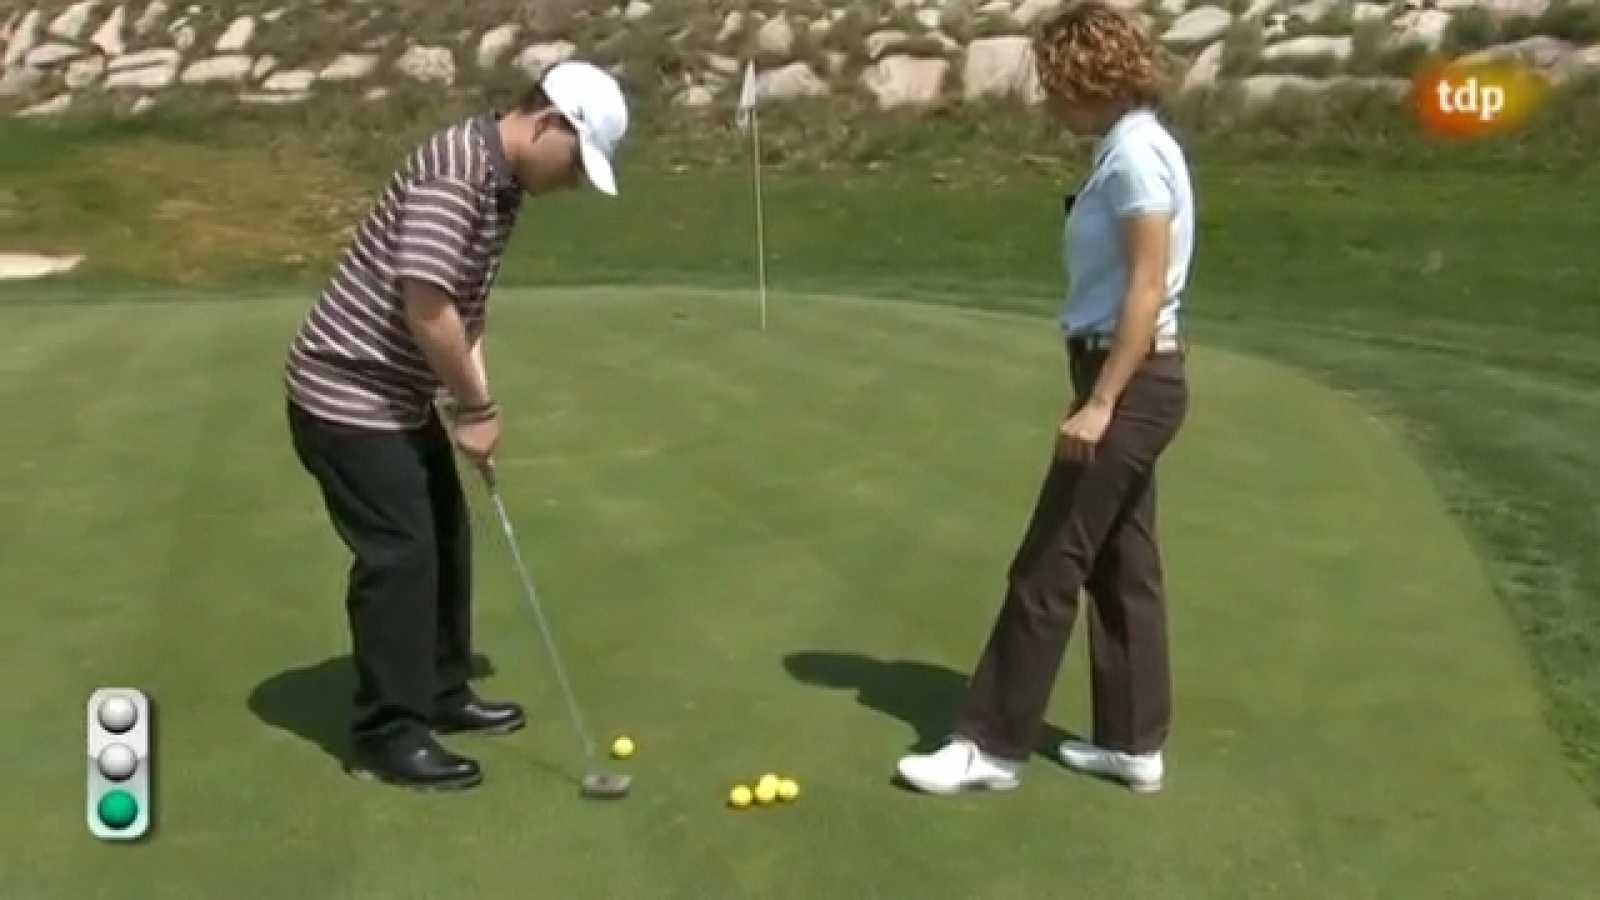 El golf sale a la calle - Bloque 2 - Capítulo 3 - 11/05/11 - Ver ahora